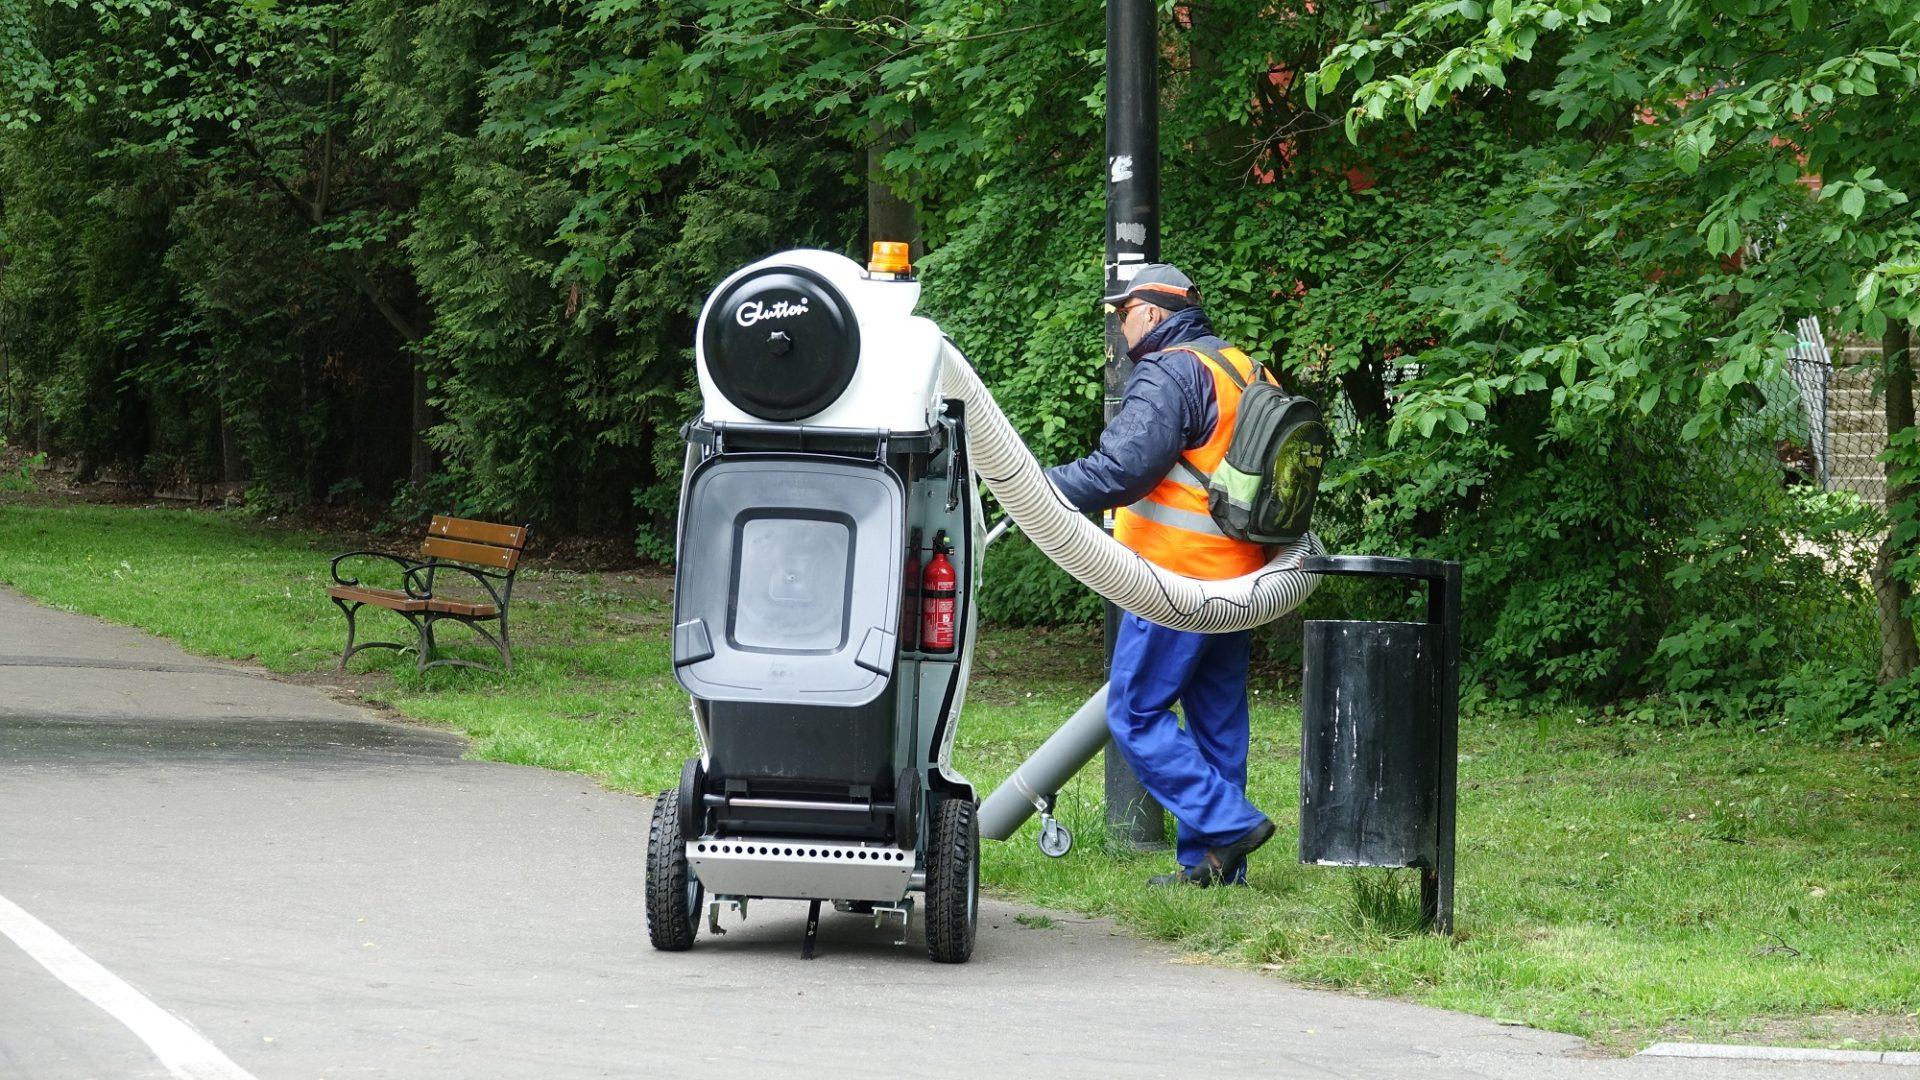 CIS z nowym sprzętem do sprzątania ulic